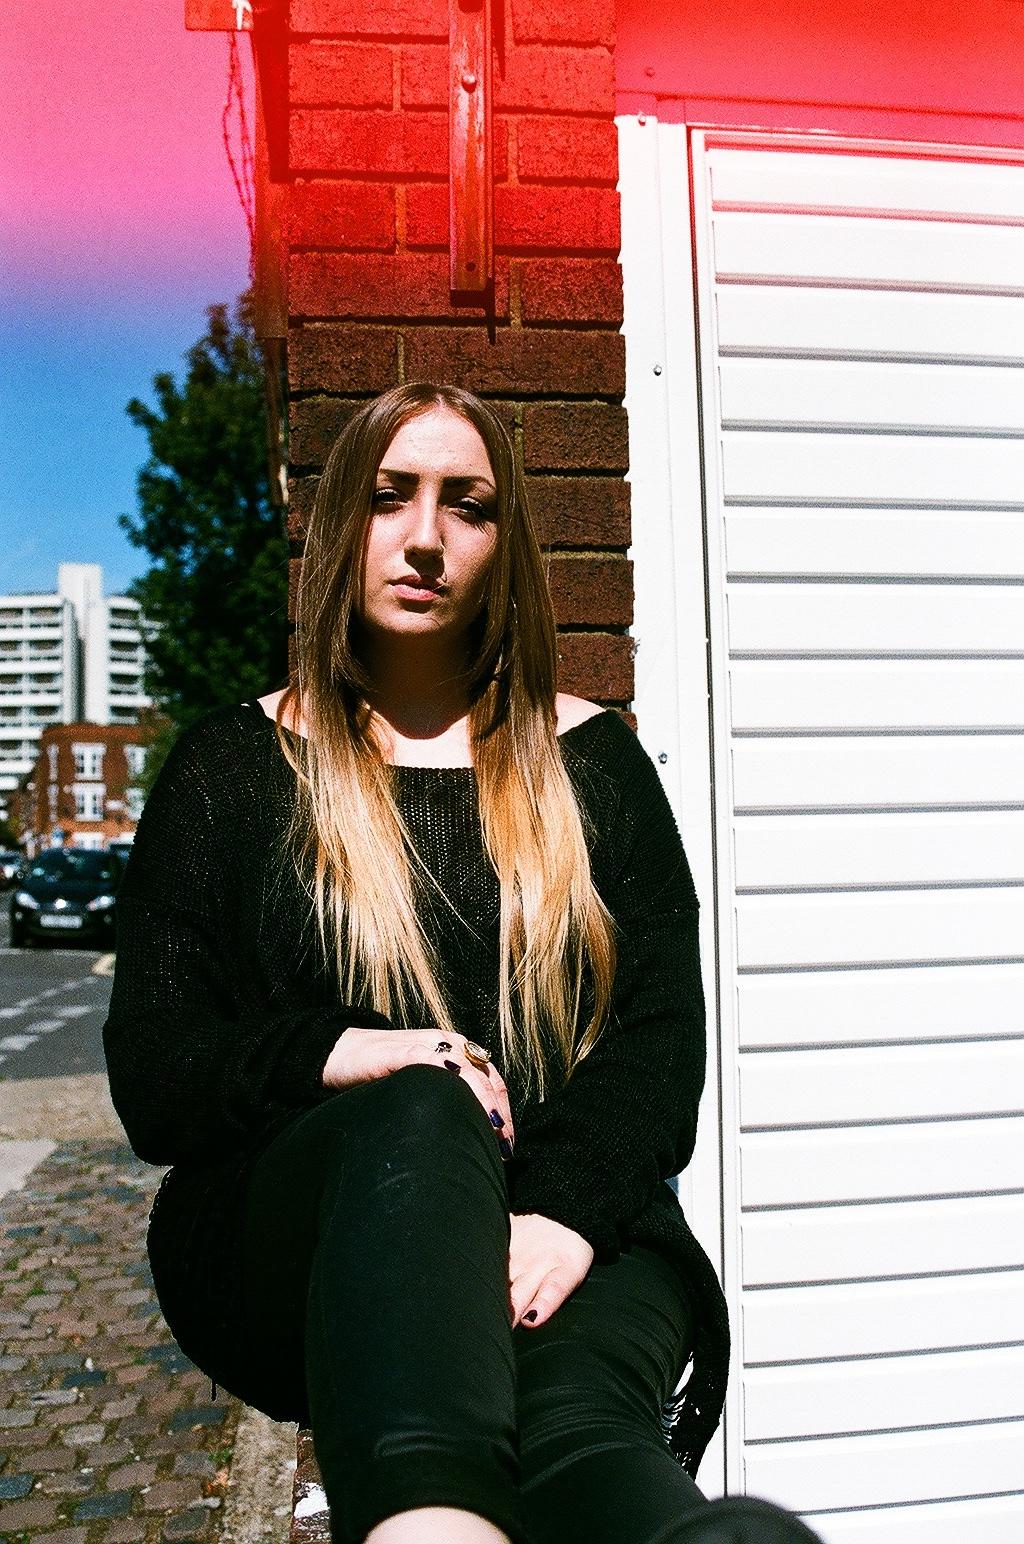 Laura Wolfie